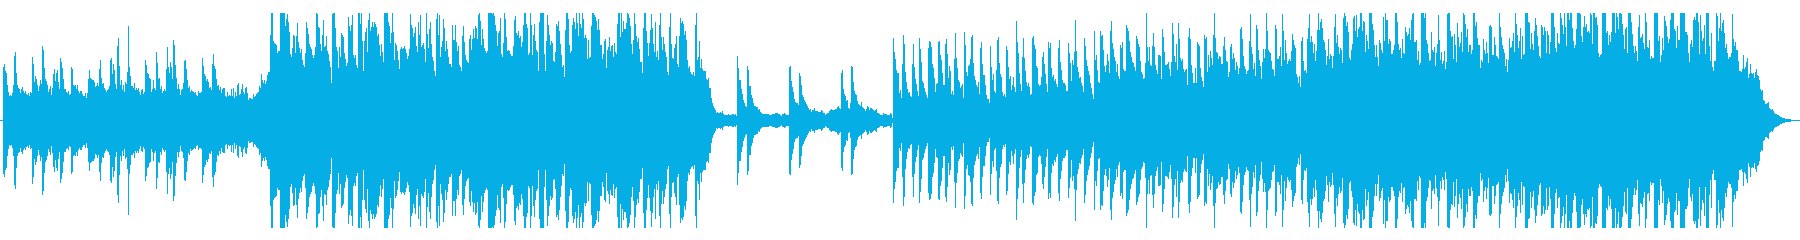 ニューエイジ風で爽やかな開放感ある楽曲の再生済みの波形